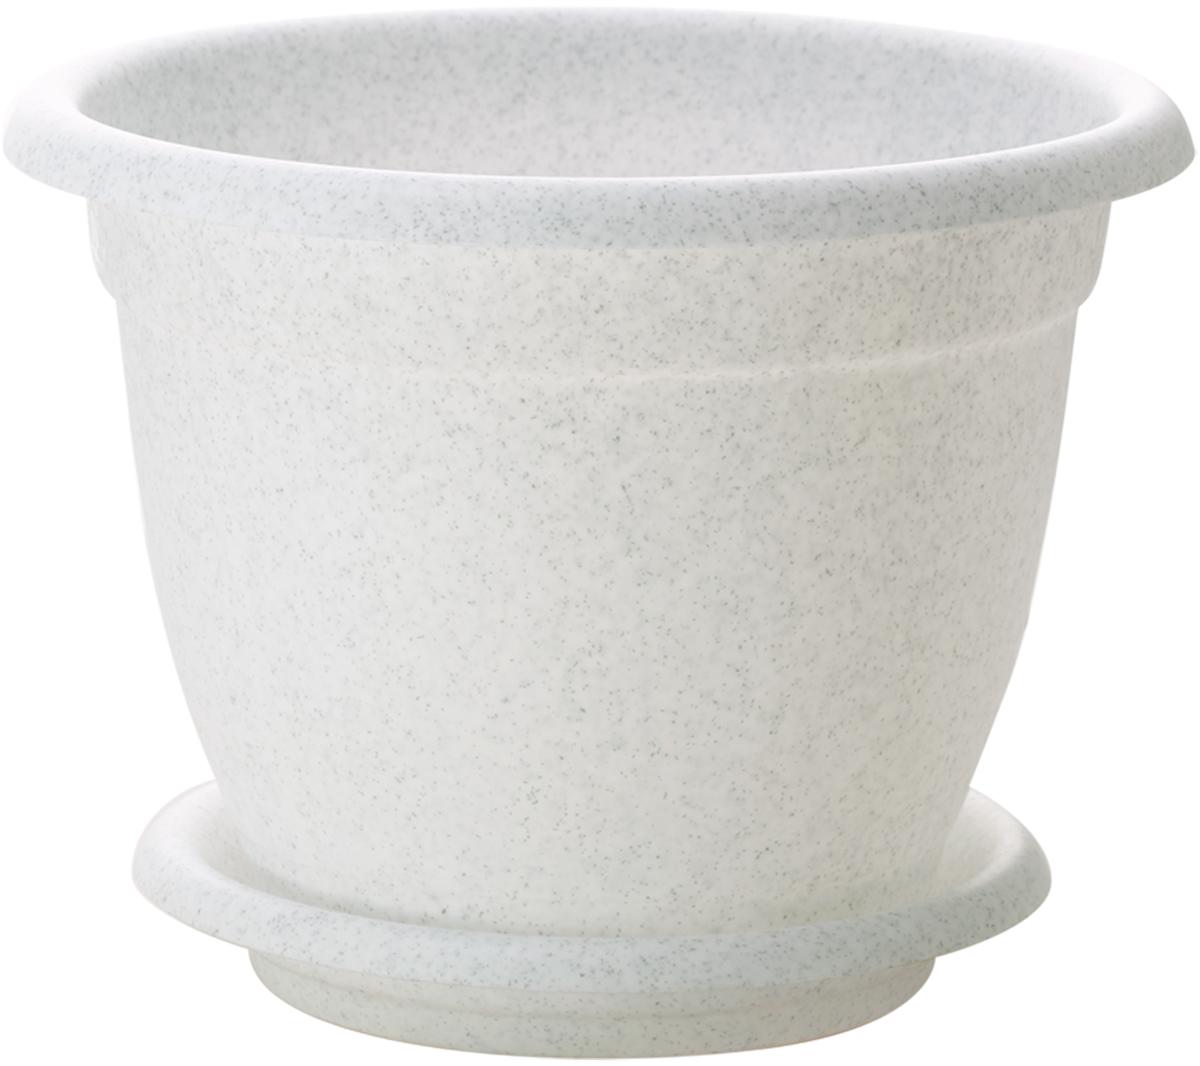 Горшок для цветов InGreen Борнео, с поддоном, цвет: мраморный, диаметр 34 смGC020/00Цветочный горшок с поддоном InGreen Борнео, выполненный из высококачественного пластика, сочетает в себе классический дизайн и функциональность. Он станет прекрасным дополнением любого интерьера. Горшок имеет дренажные отверстия, что способствует выведению лишней влаги из почвы и предотвращает гниение корневой системы растения. Благодаря специальной крепежной системе поддон прочно крепится к горшку, что обеспечивает удобство эксплуатации изделия. Между стенкой горшка и поддоном есть зазор, который позволяет испаряться лишней влаге и дает возможность прикорневого полива растения. Горшок InGreen Борнео предназначен для выращивания многолетних и однолетних растений.